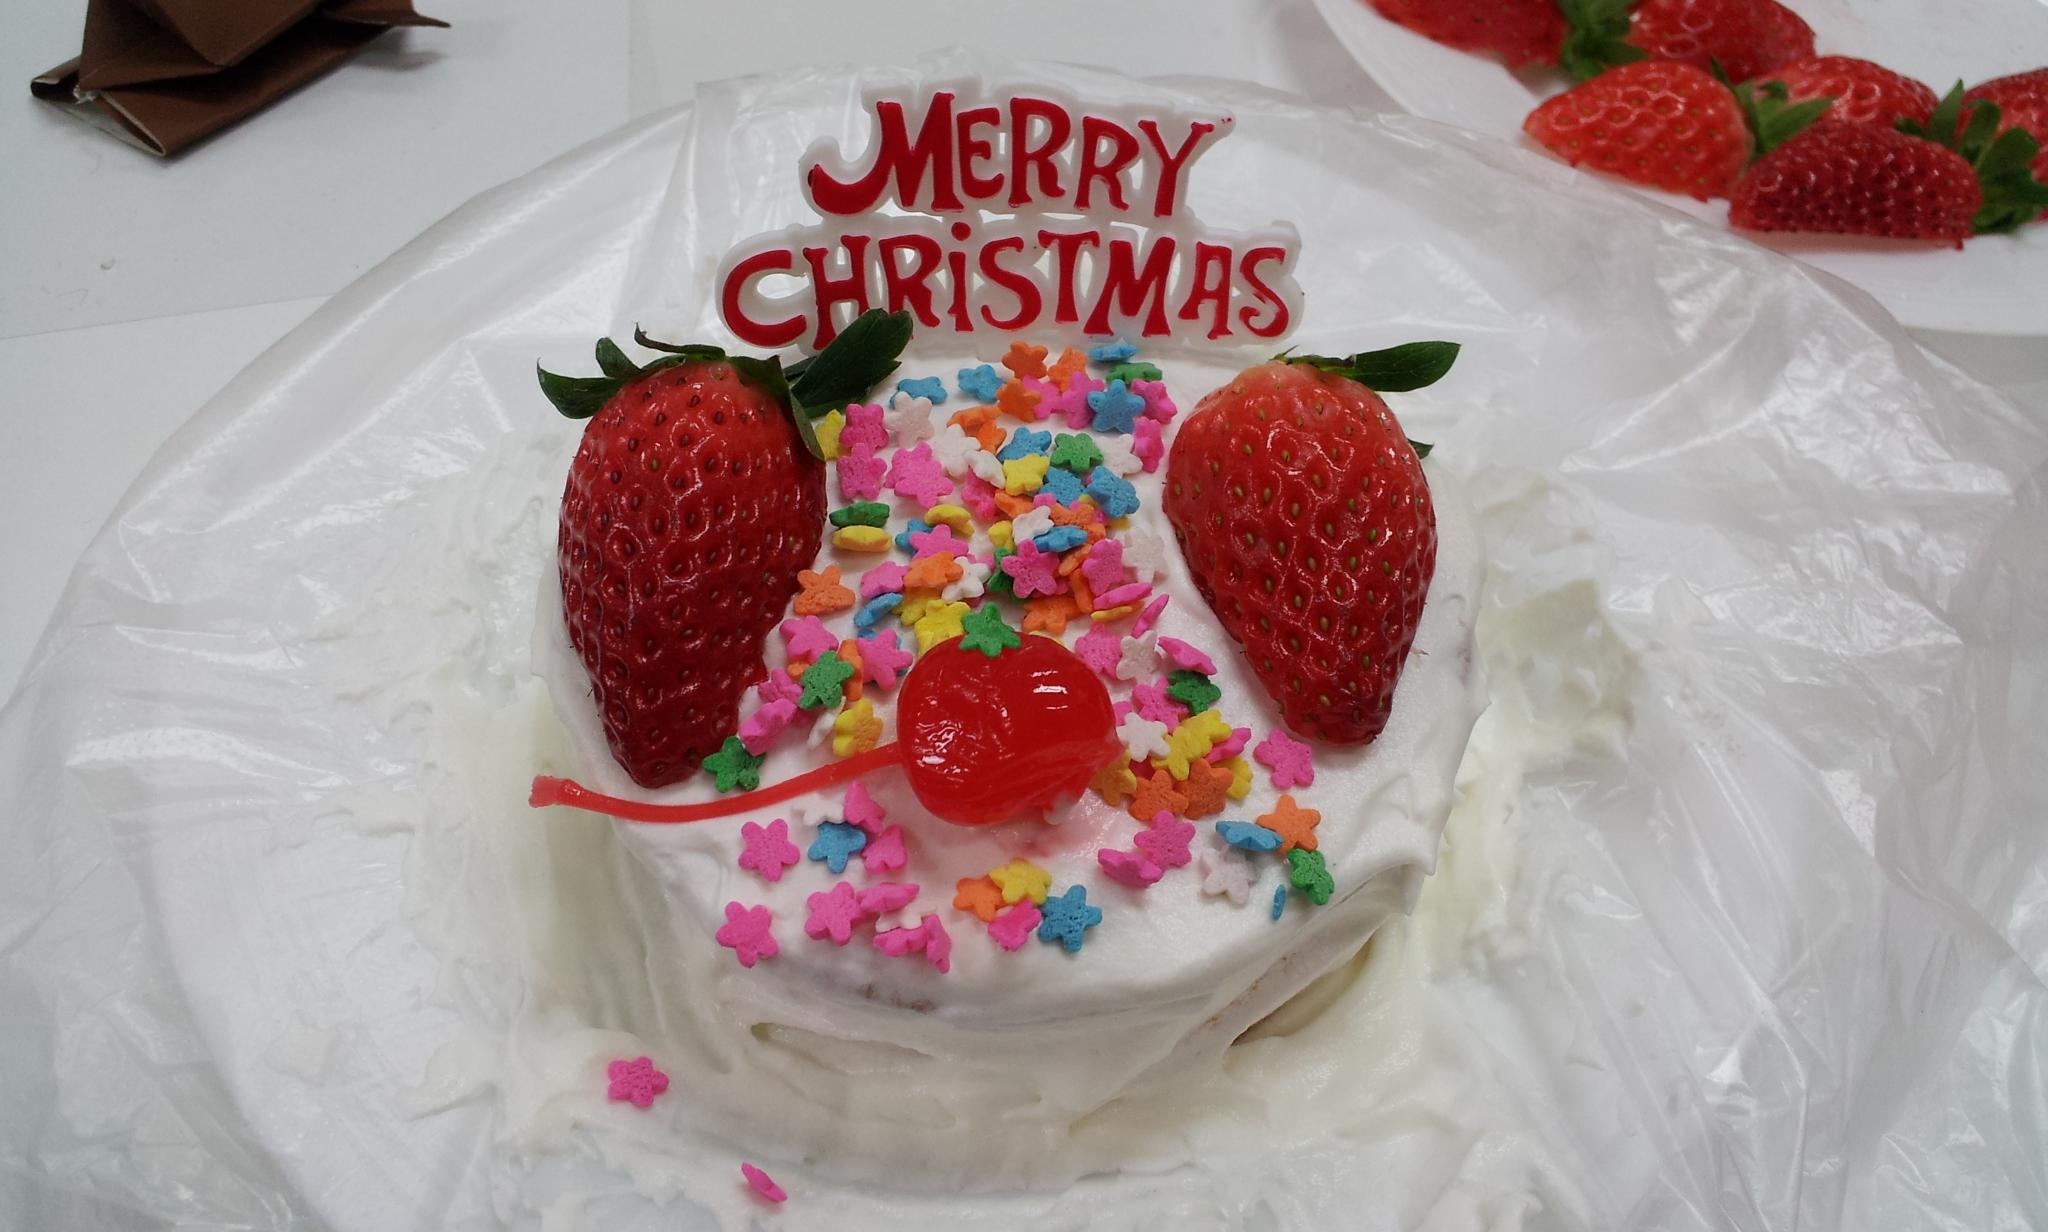 2011.12.22 - 오늘 아동멘토활동에서 만든 케익